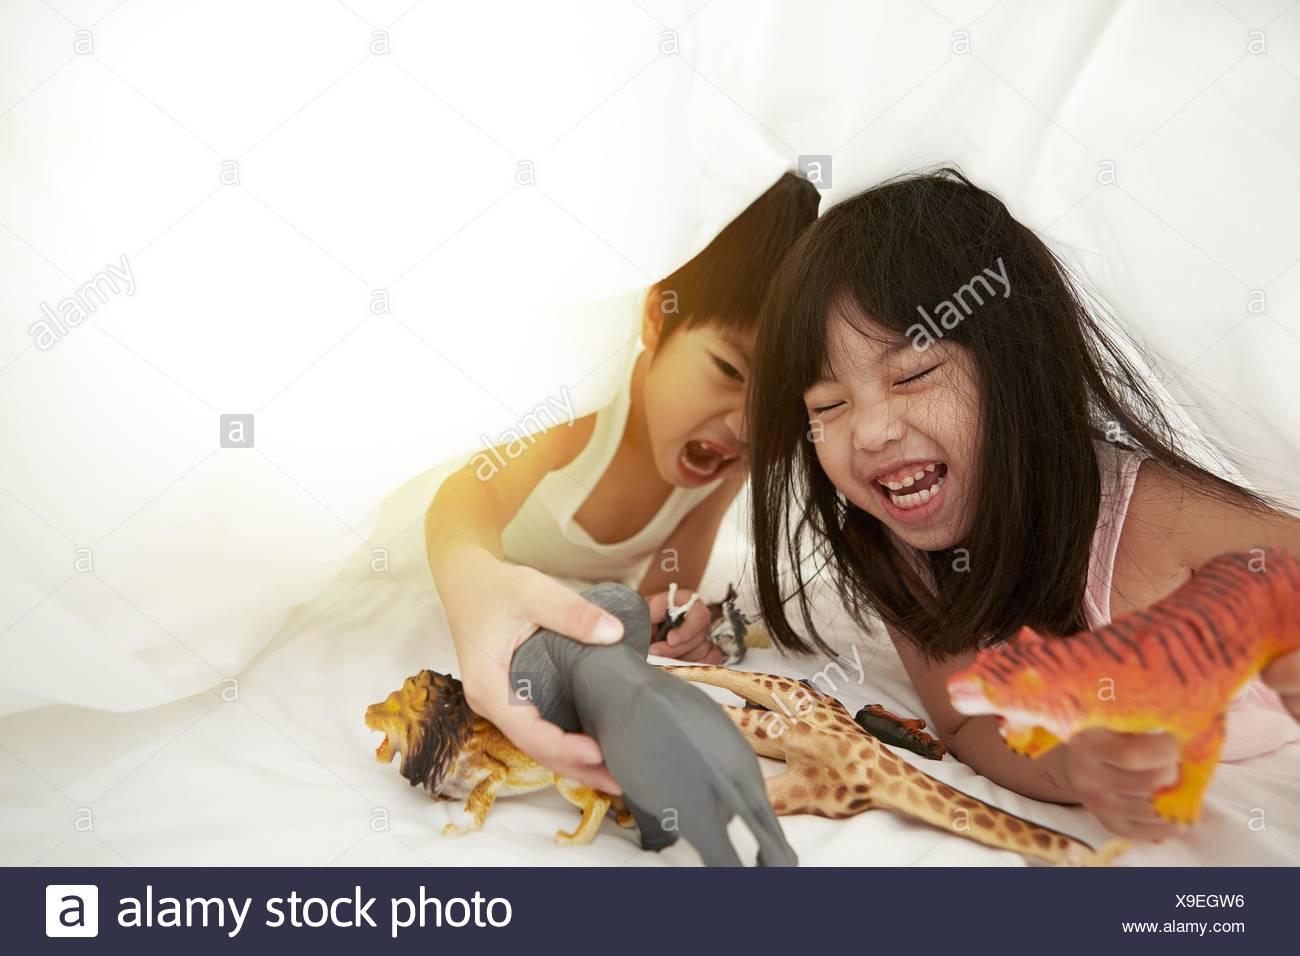 Chinesischen jungen und Mädchen im Bett spielen mit ihren Spielsachen unter der Bettwäsche Stockbild